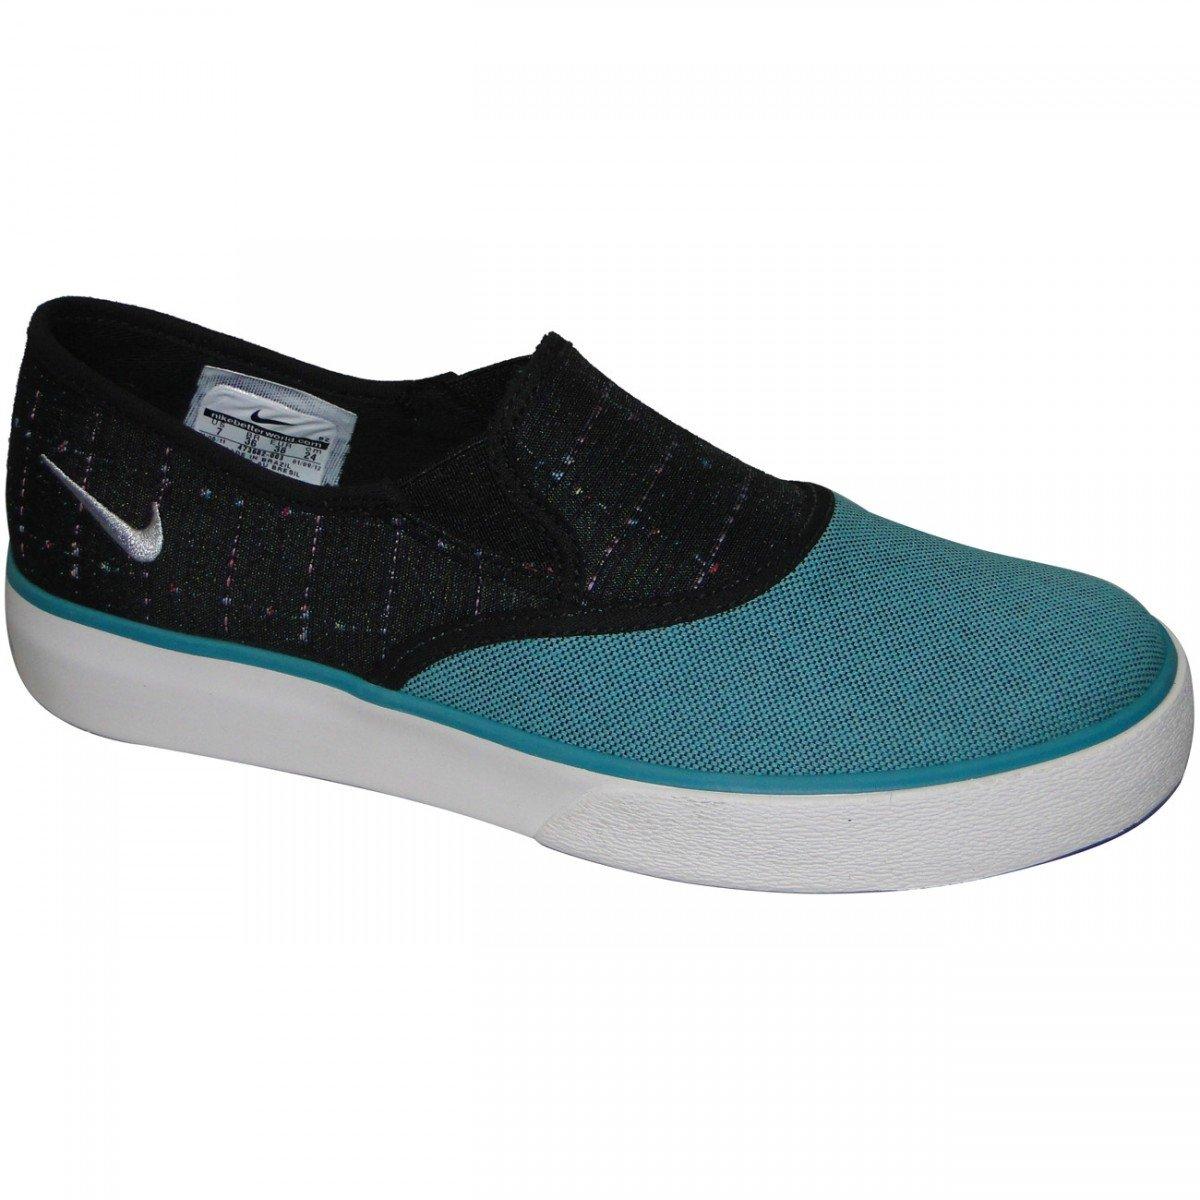 476e522fe Tênis Nike Spring Slip-on - Compre Agora